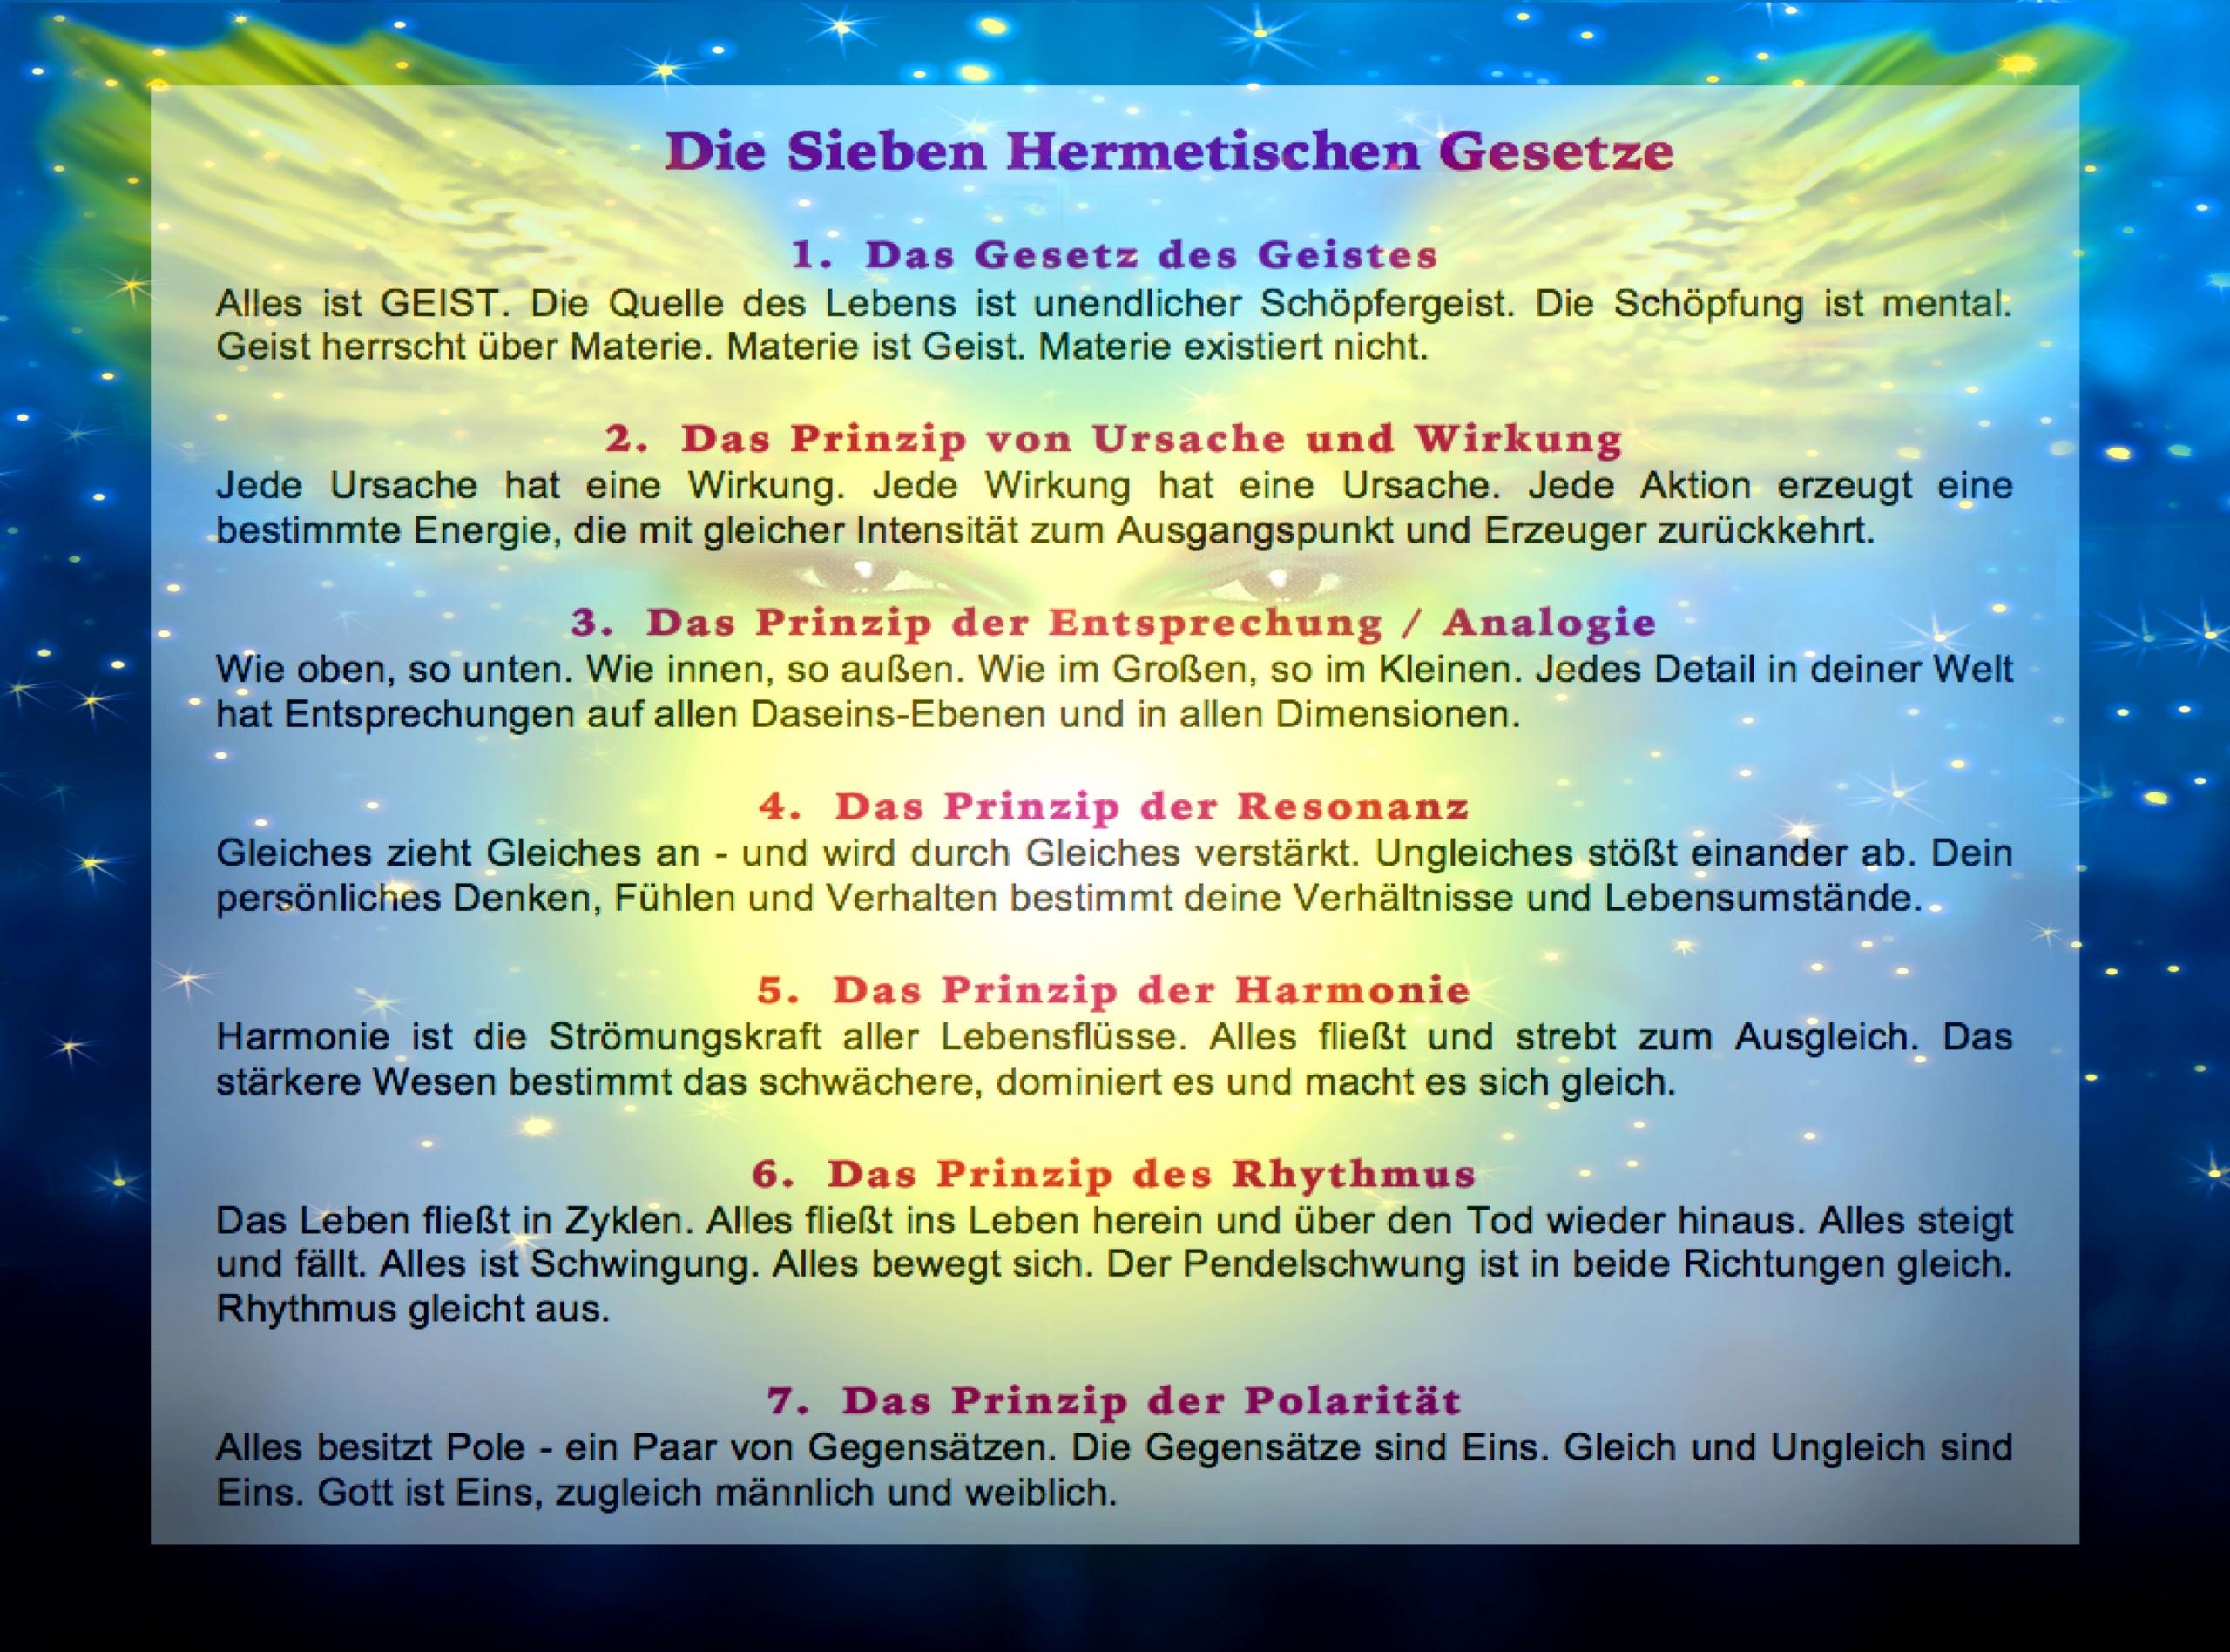 Die Sieben hermetischen Gesetze